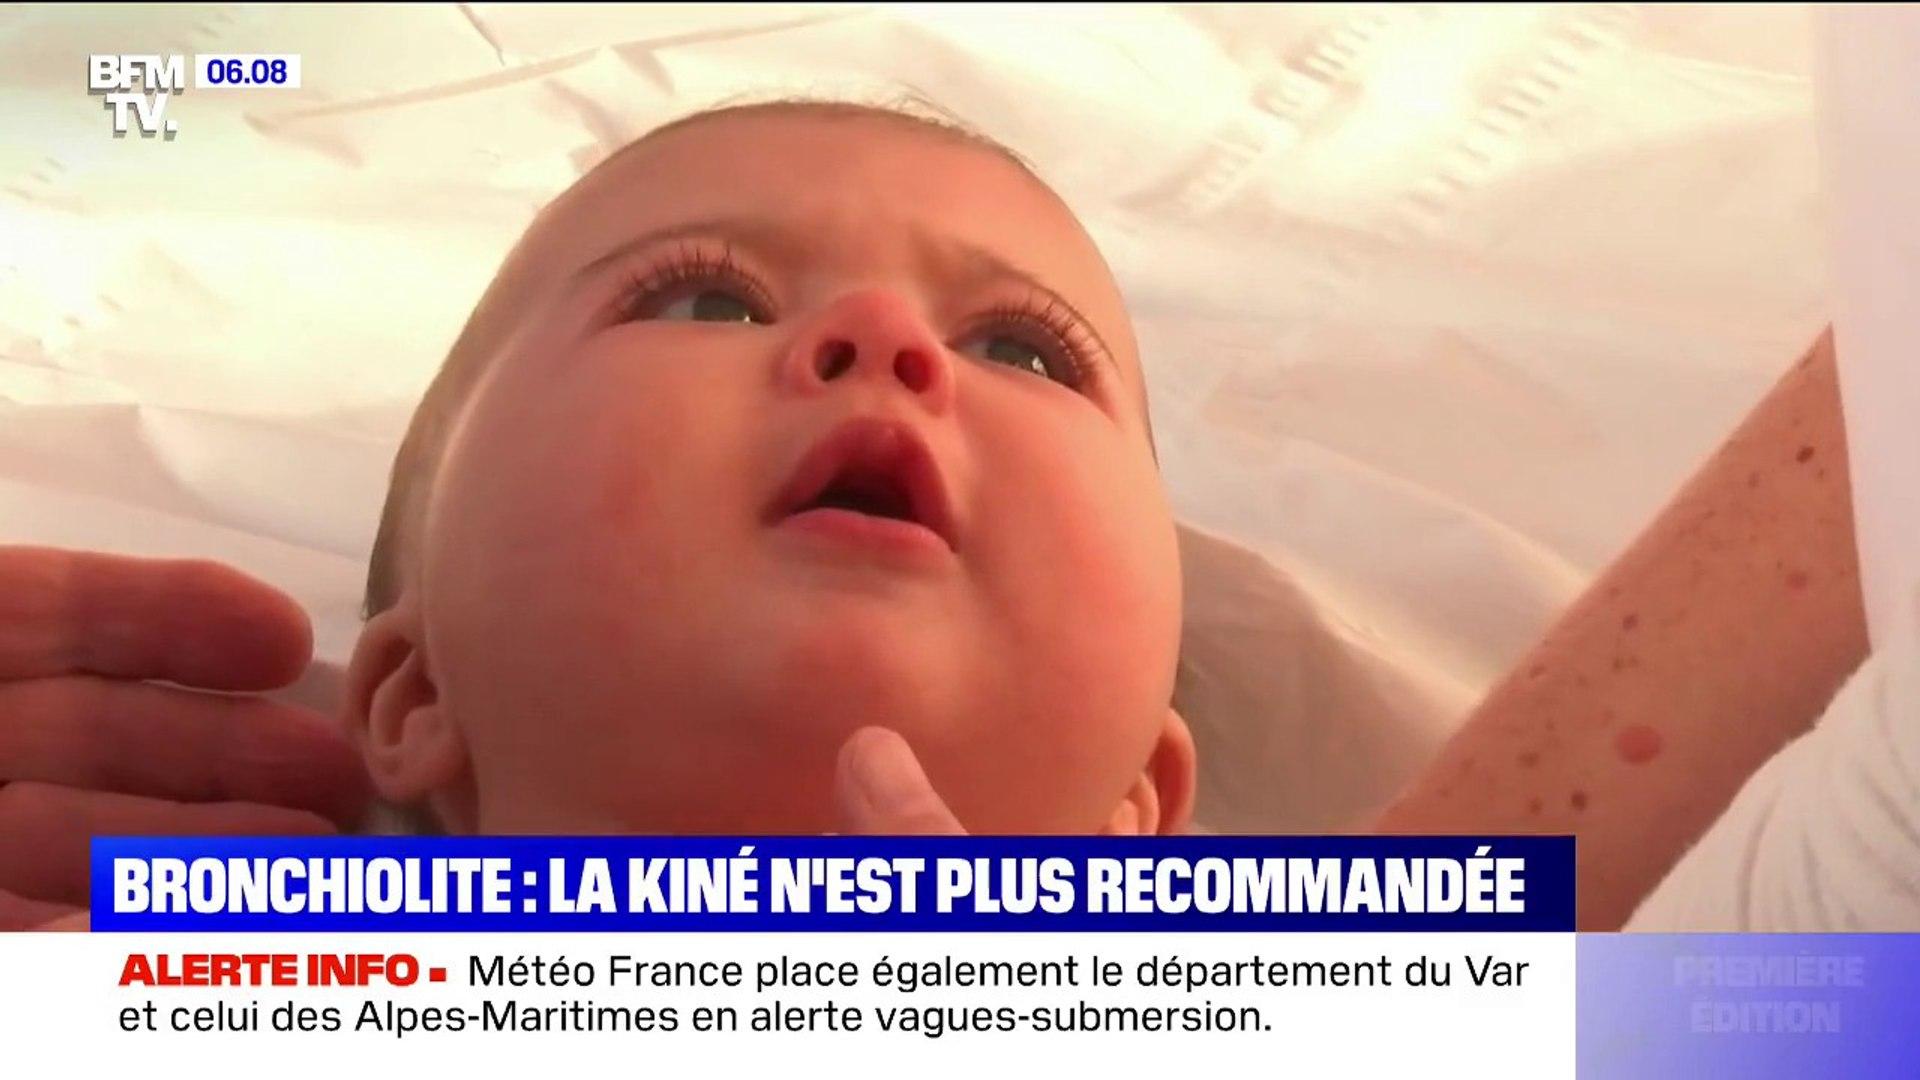 Bronchiolite Pourquoi La Kine Respiratoire Est Desormais Deconseillee Pour Les Nourrissons